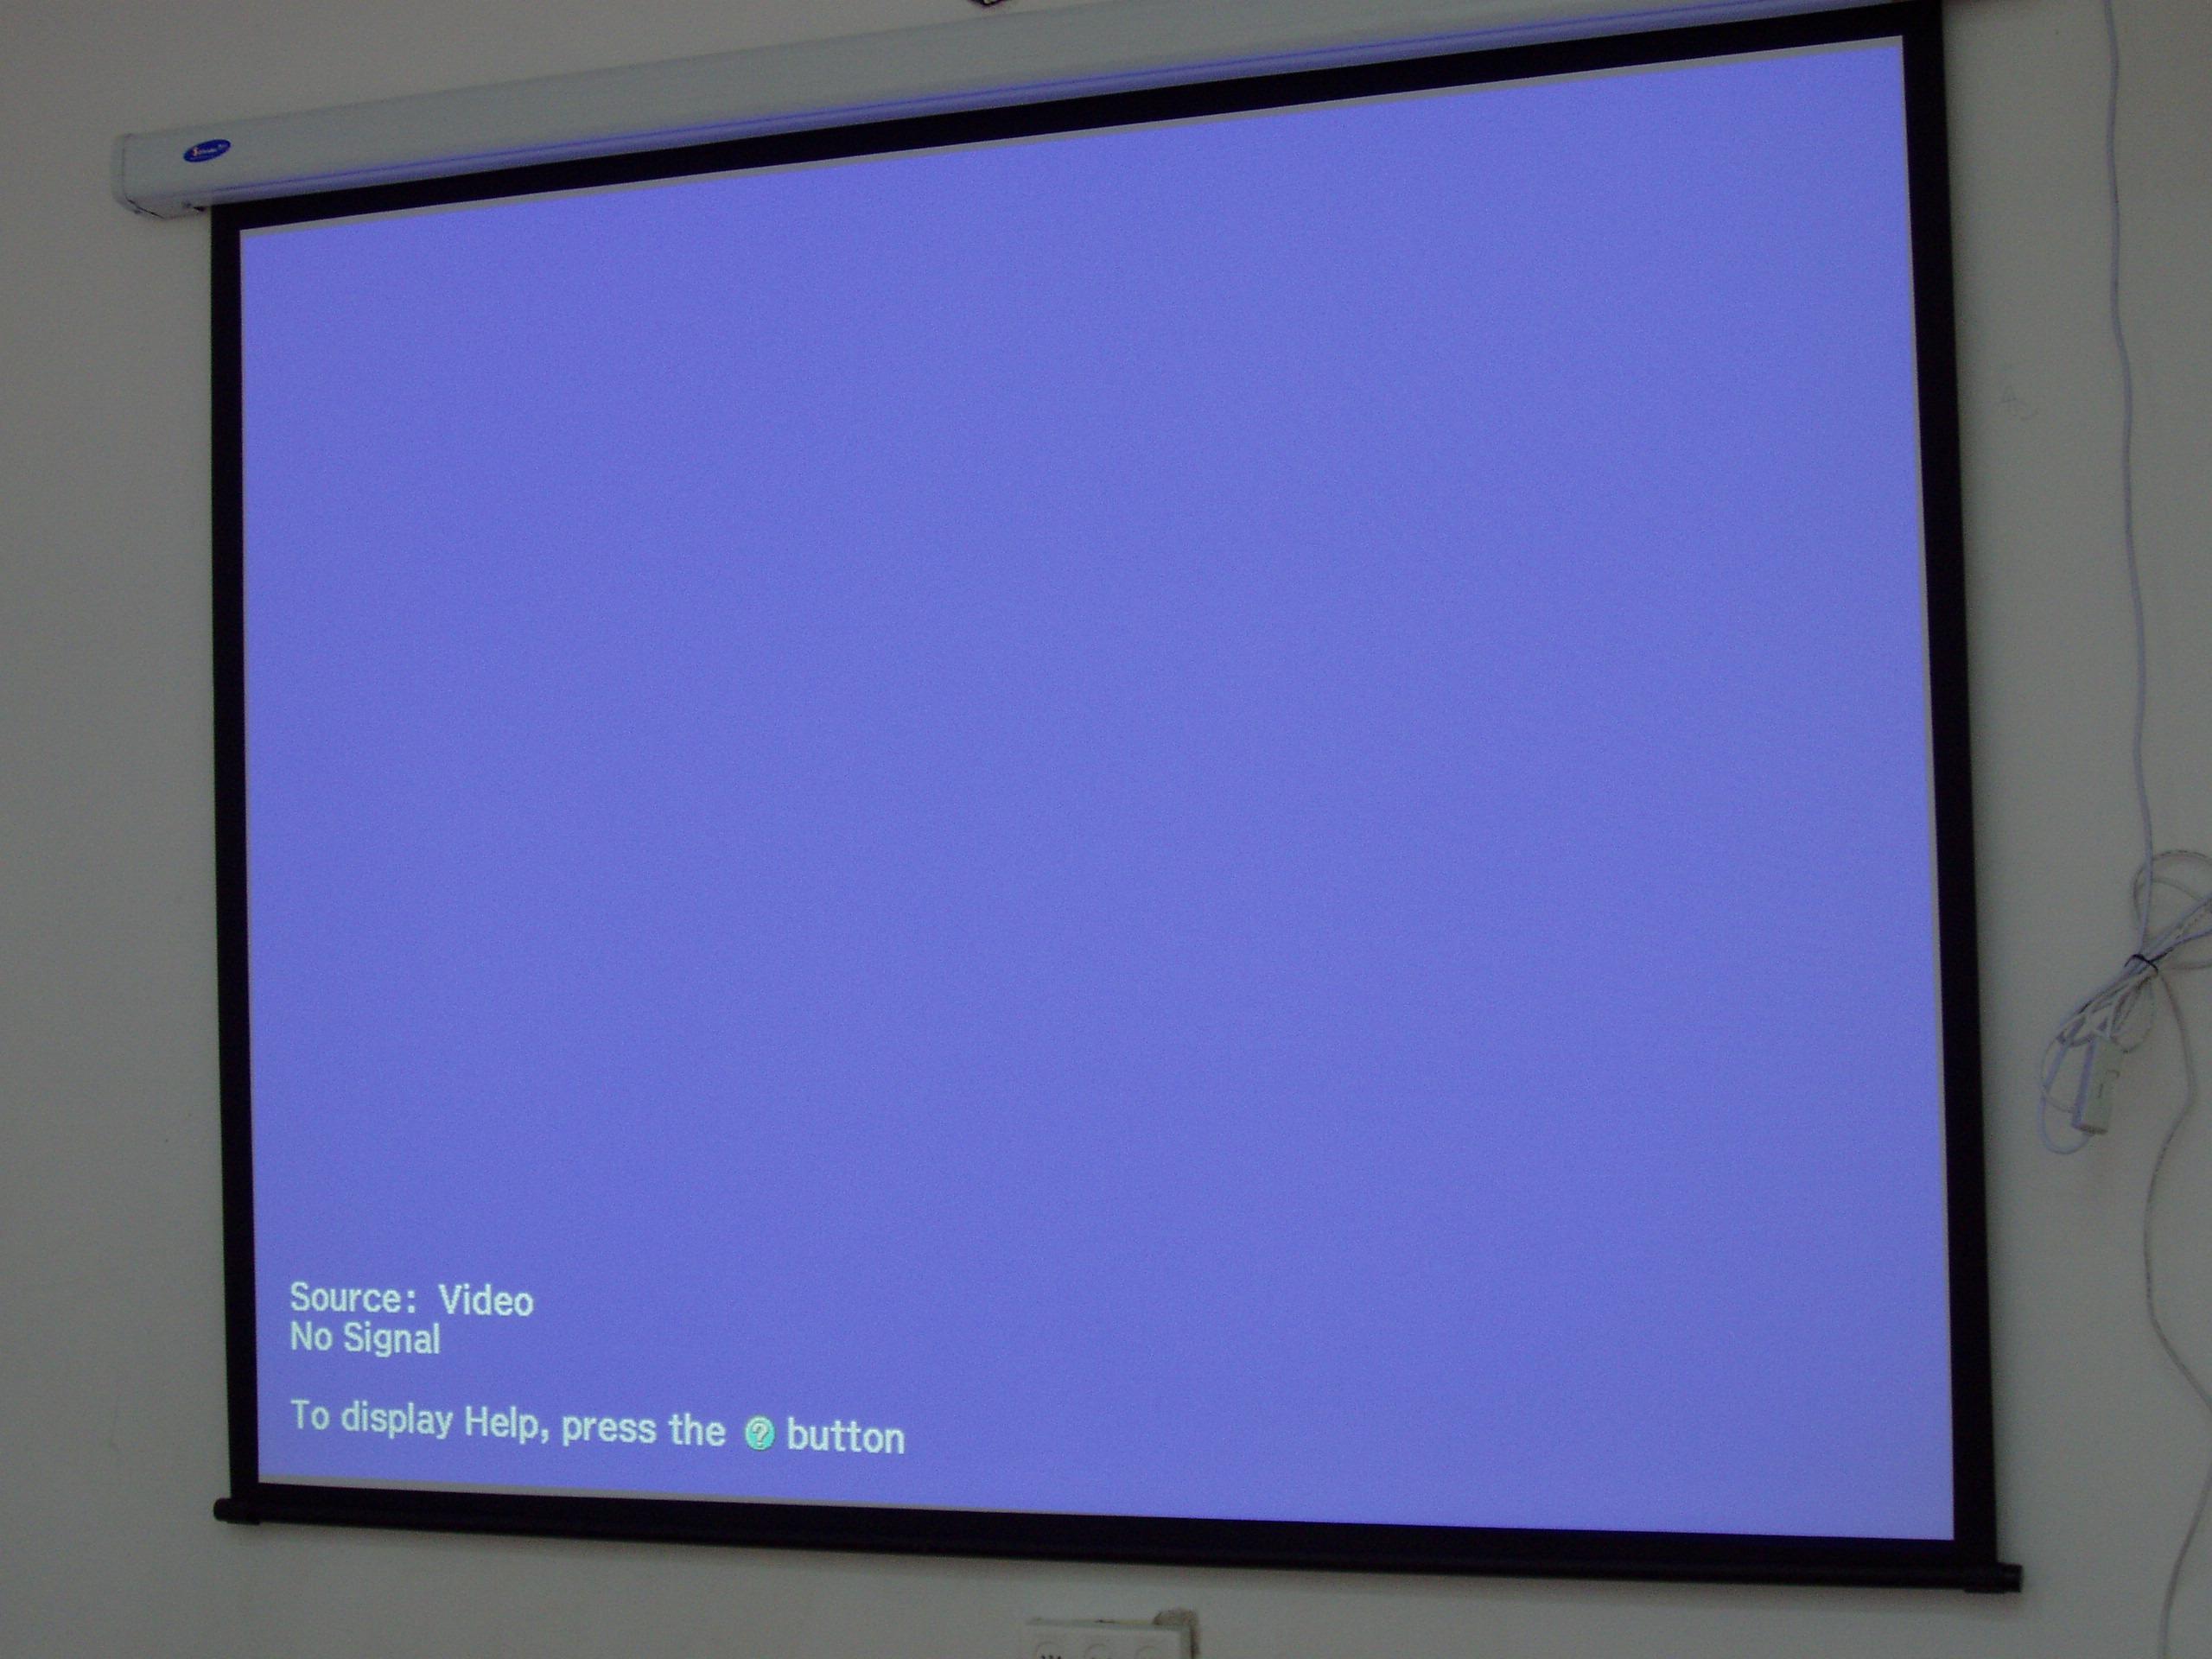 מסך הקרנה חשמלי בכיתת לימוד